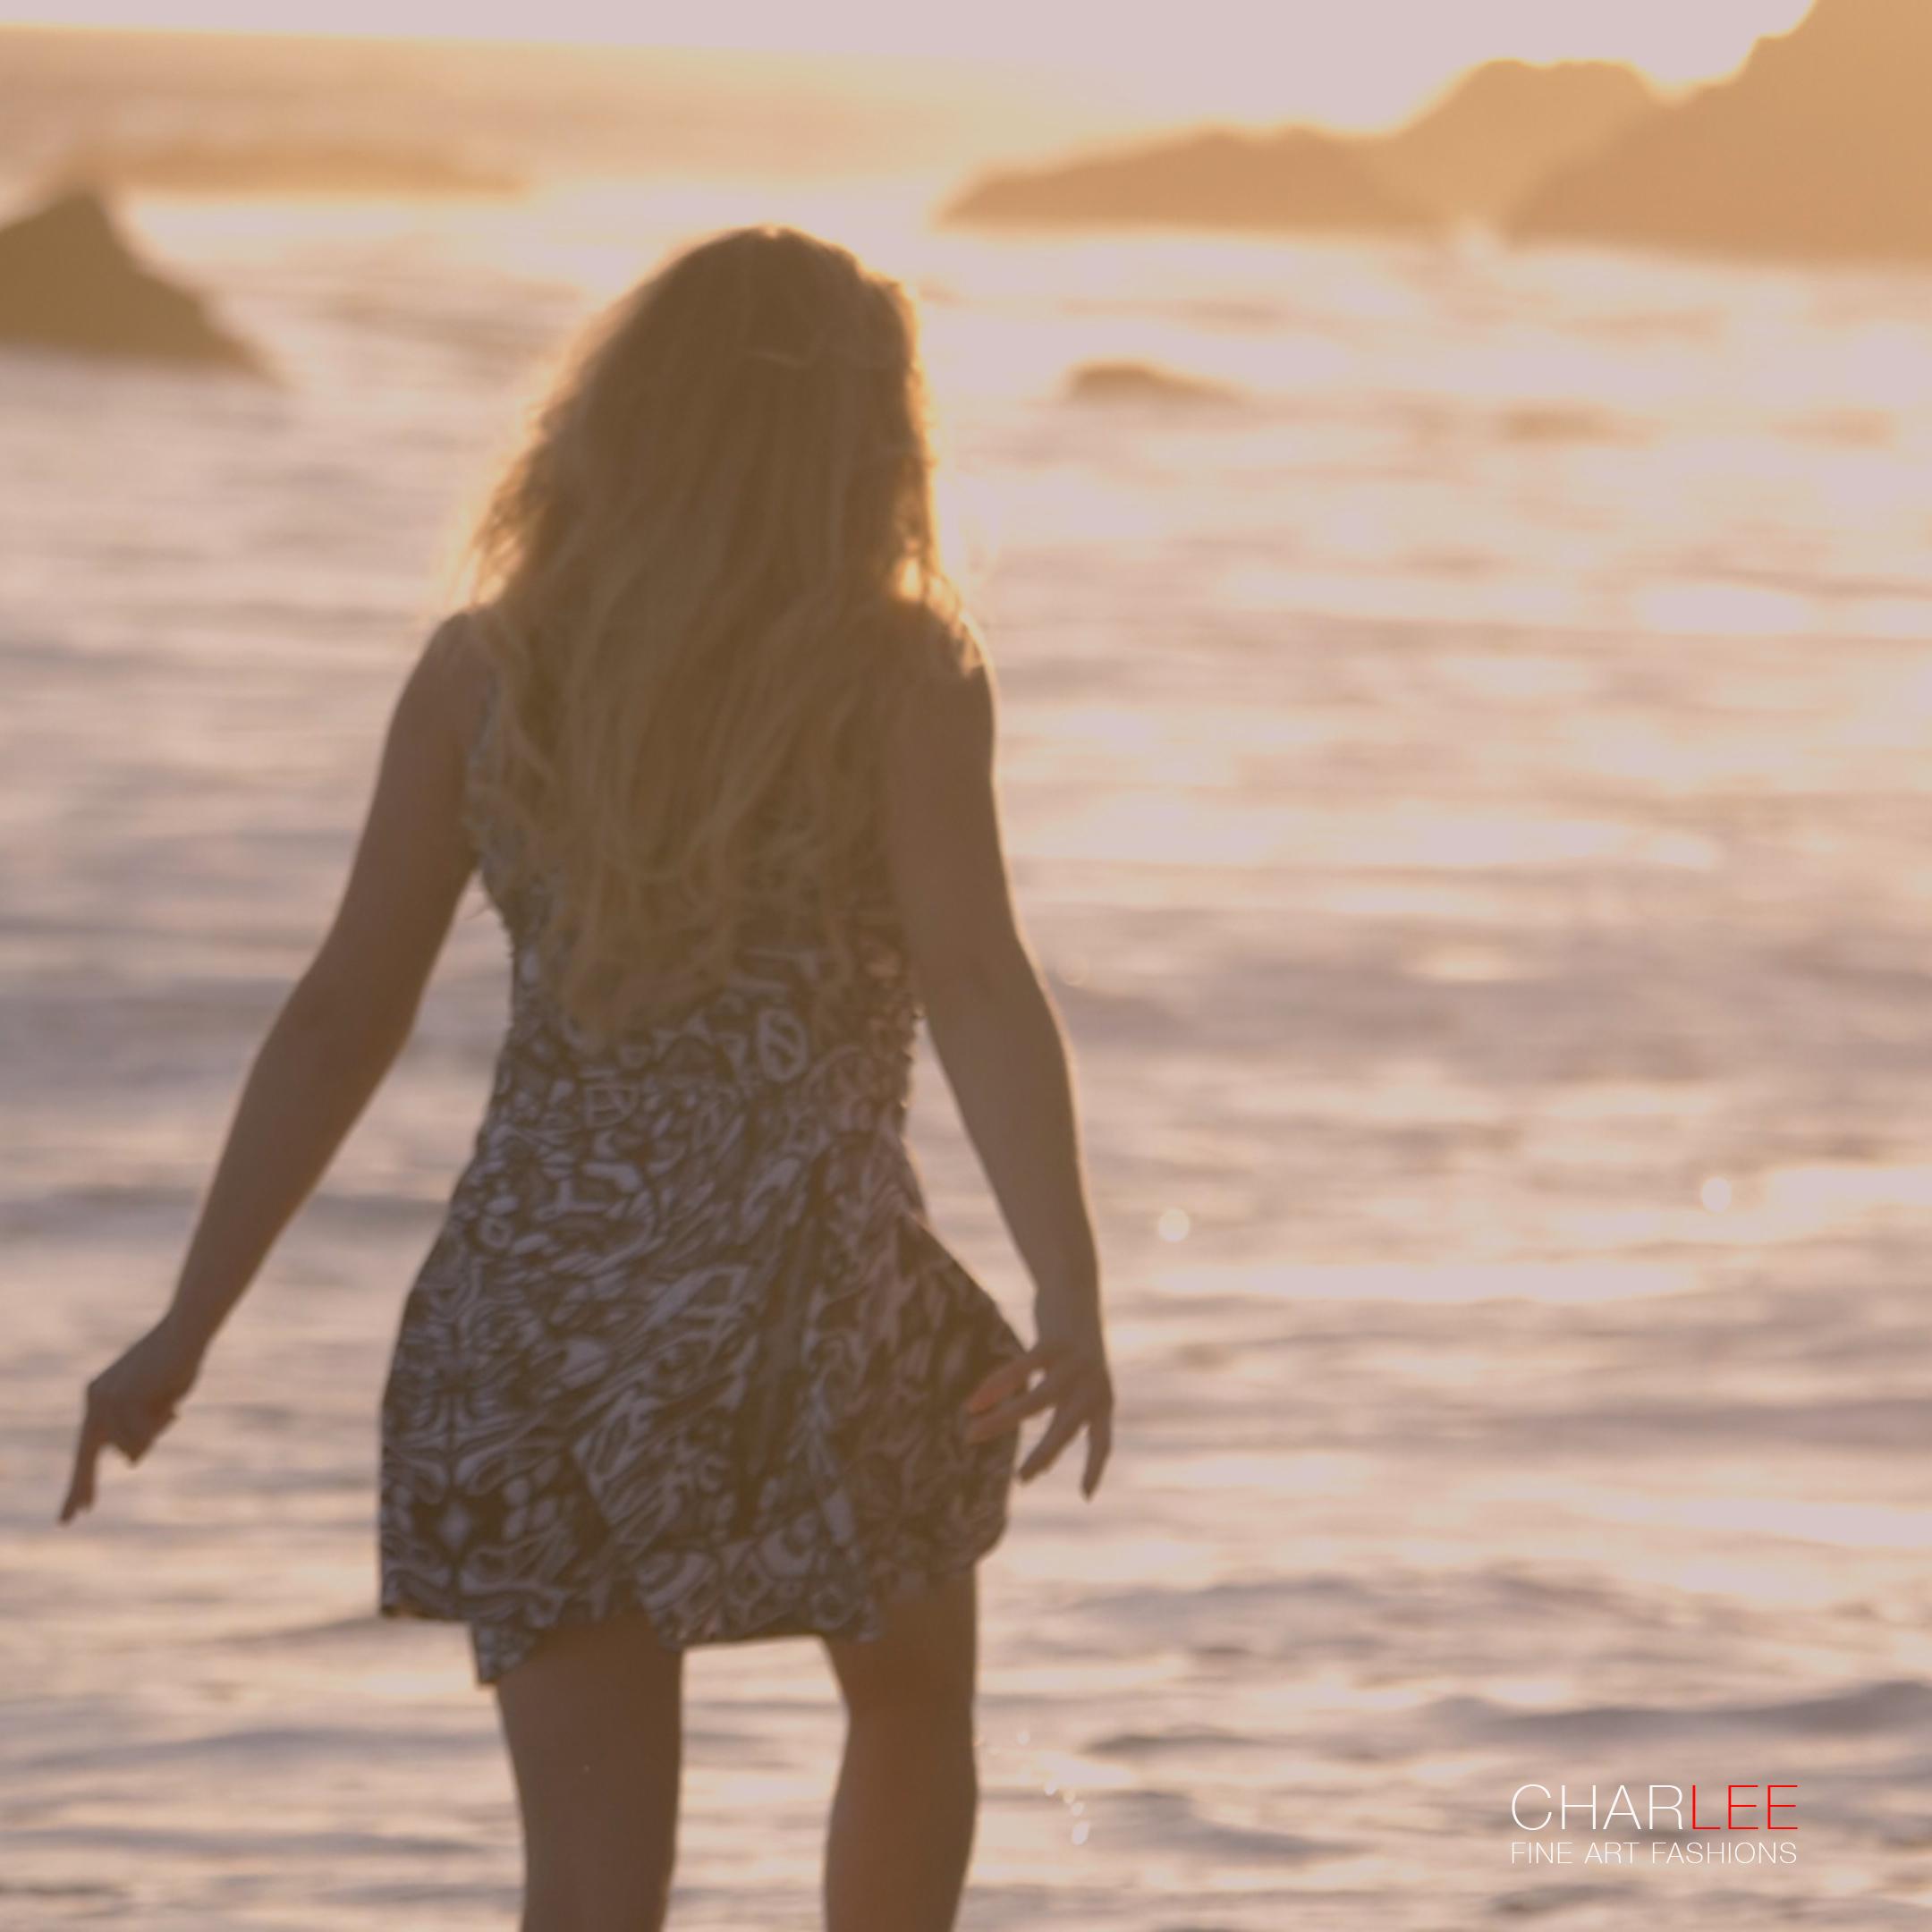 Charlee The Dream Flare Dress BW Malibu CA-013.jpg